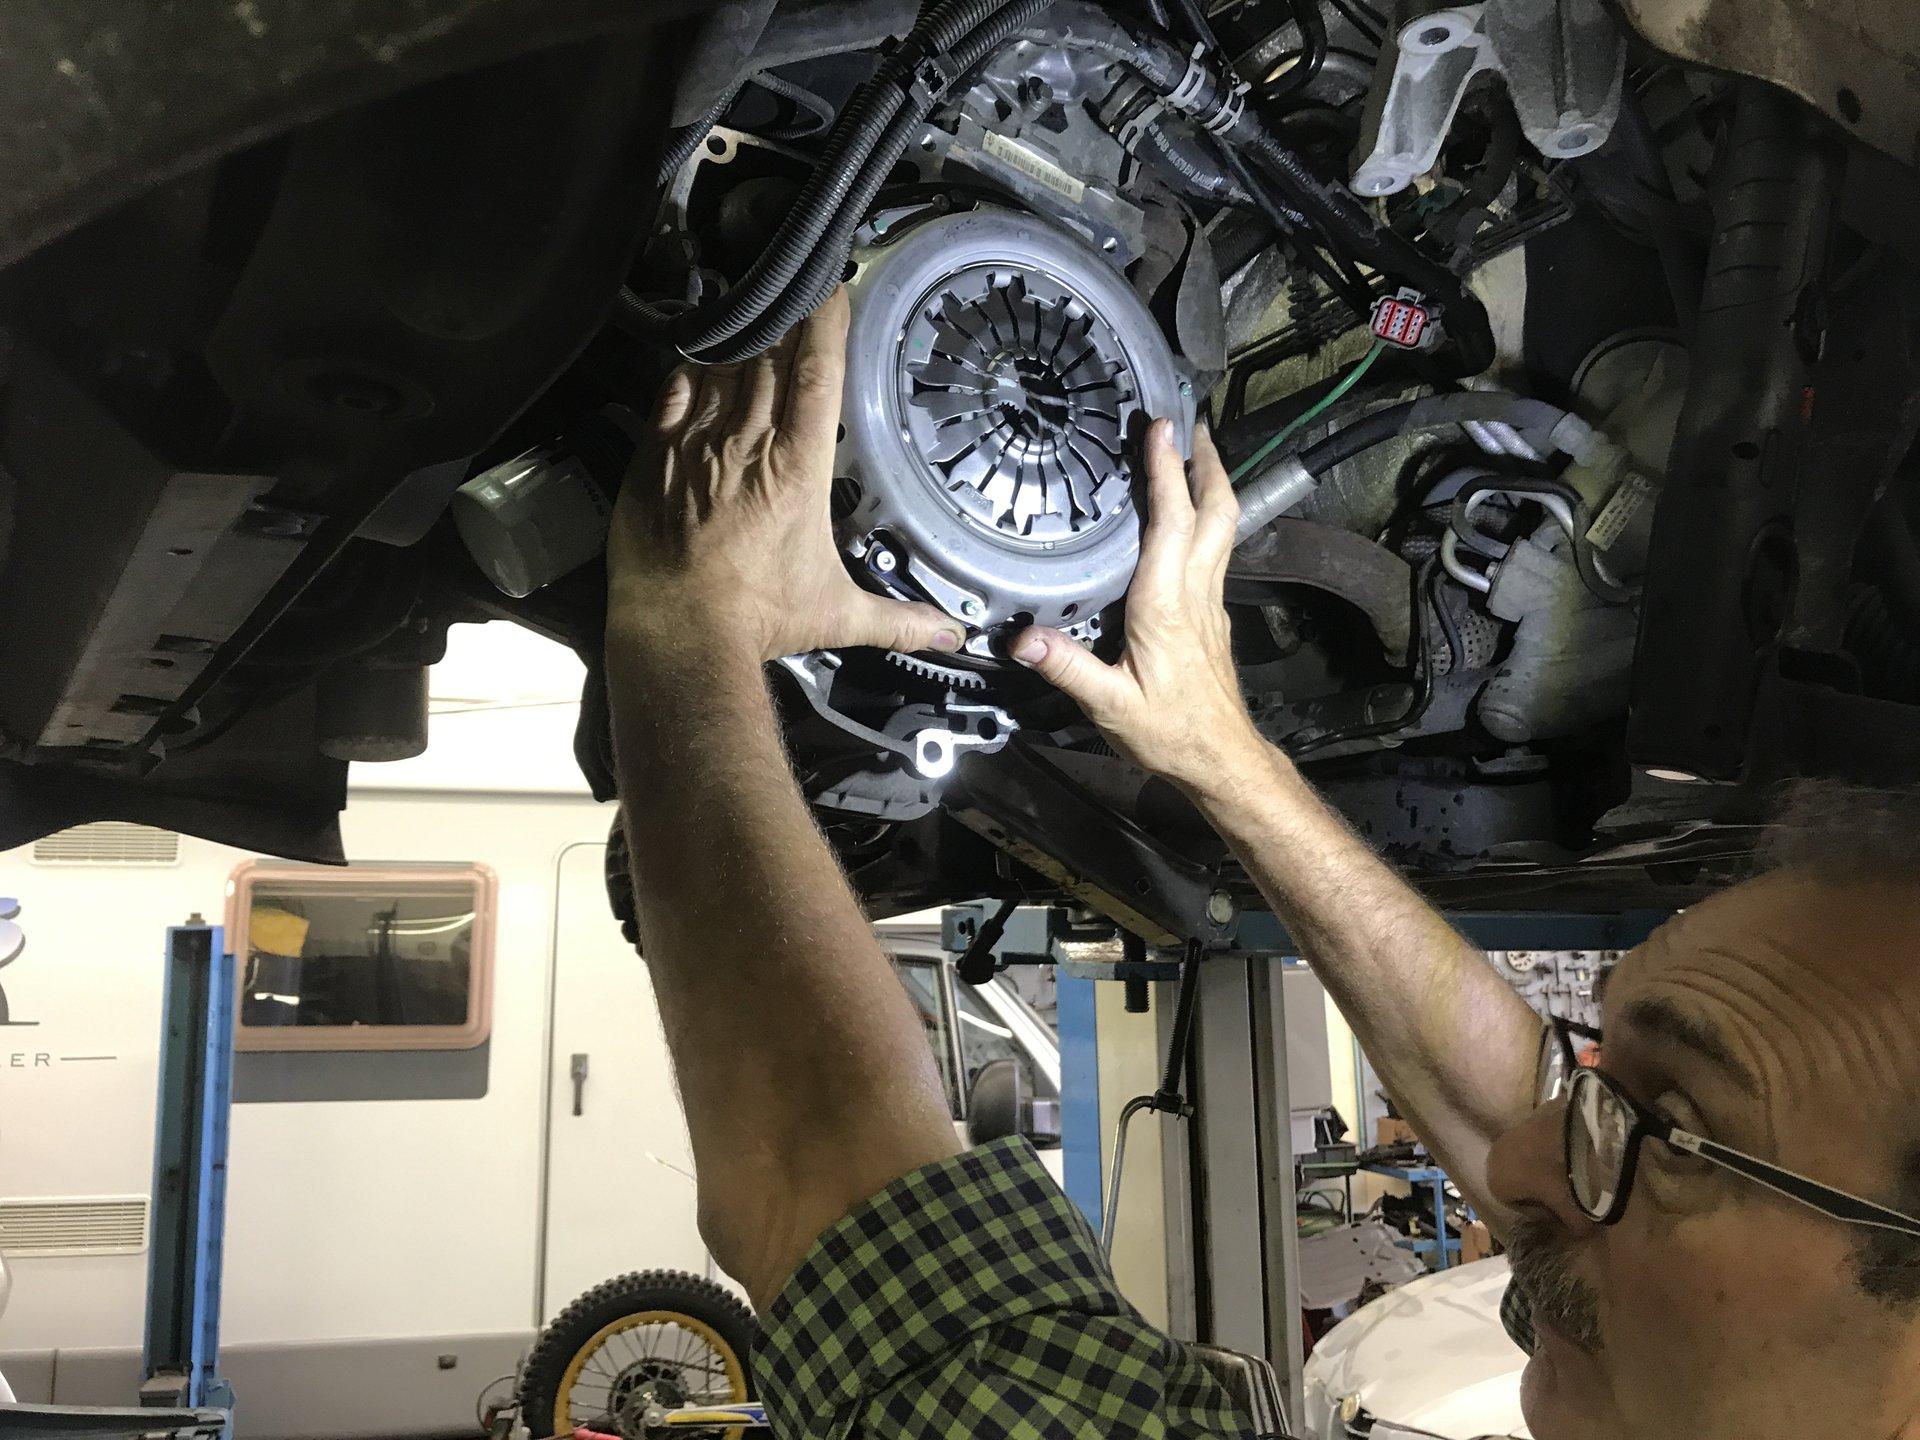 meccanico ripara disco dei freni di un'automobile